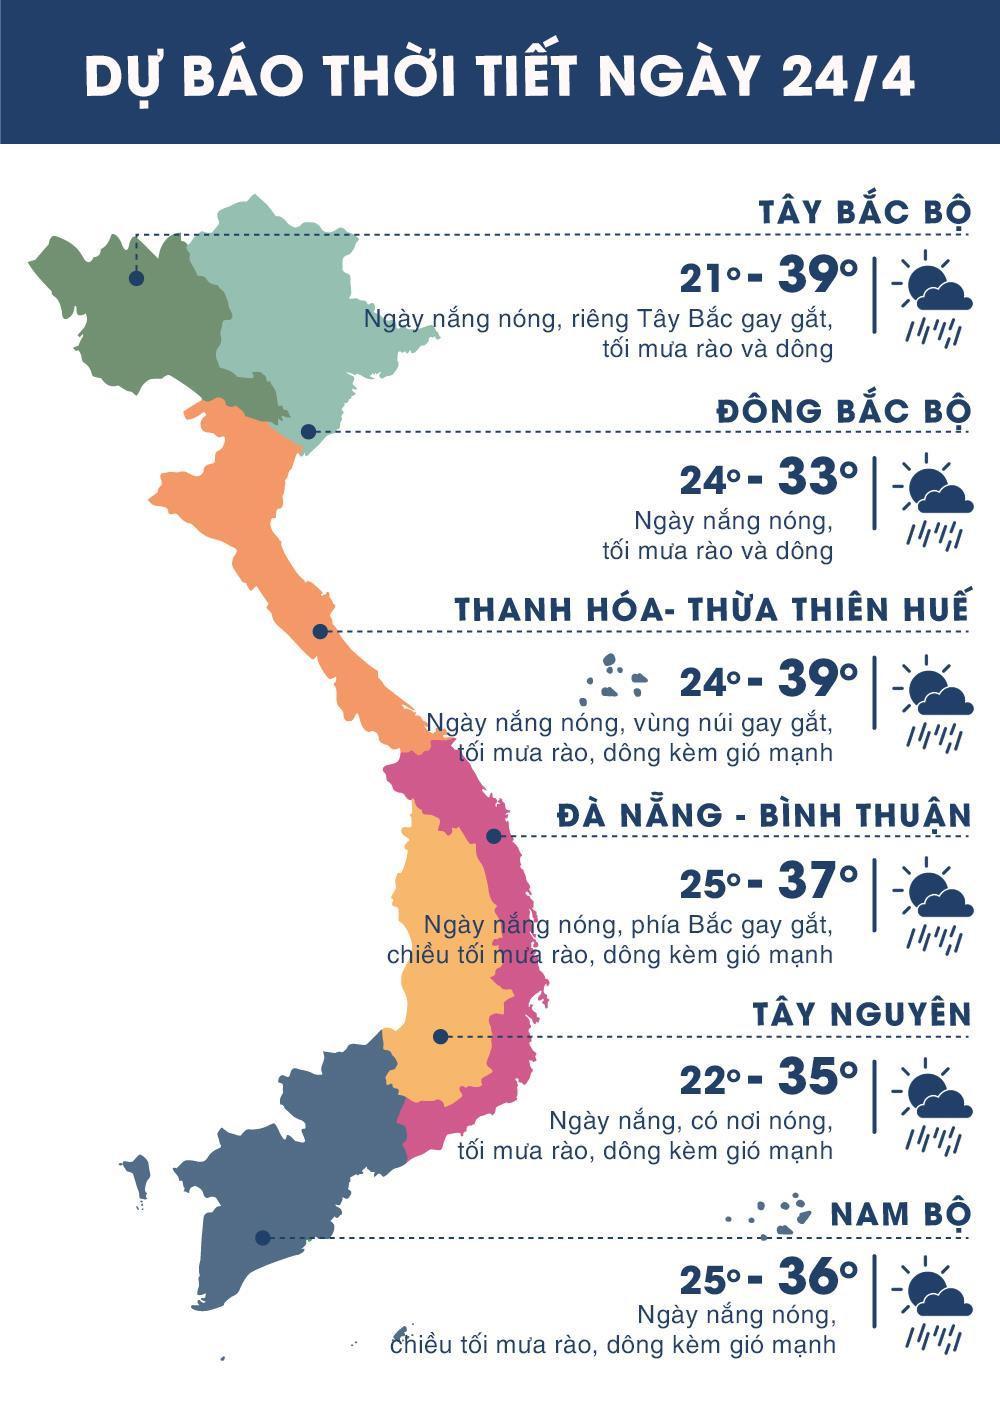 Thời tiết ngày 24/4: Nắng nóng gia tăng trở lại, Hà Nội 37 độ C Ảnh 1